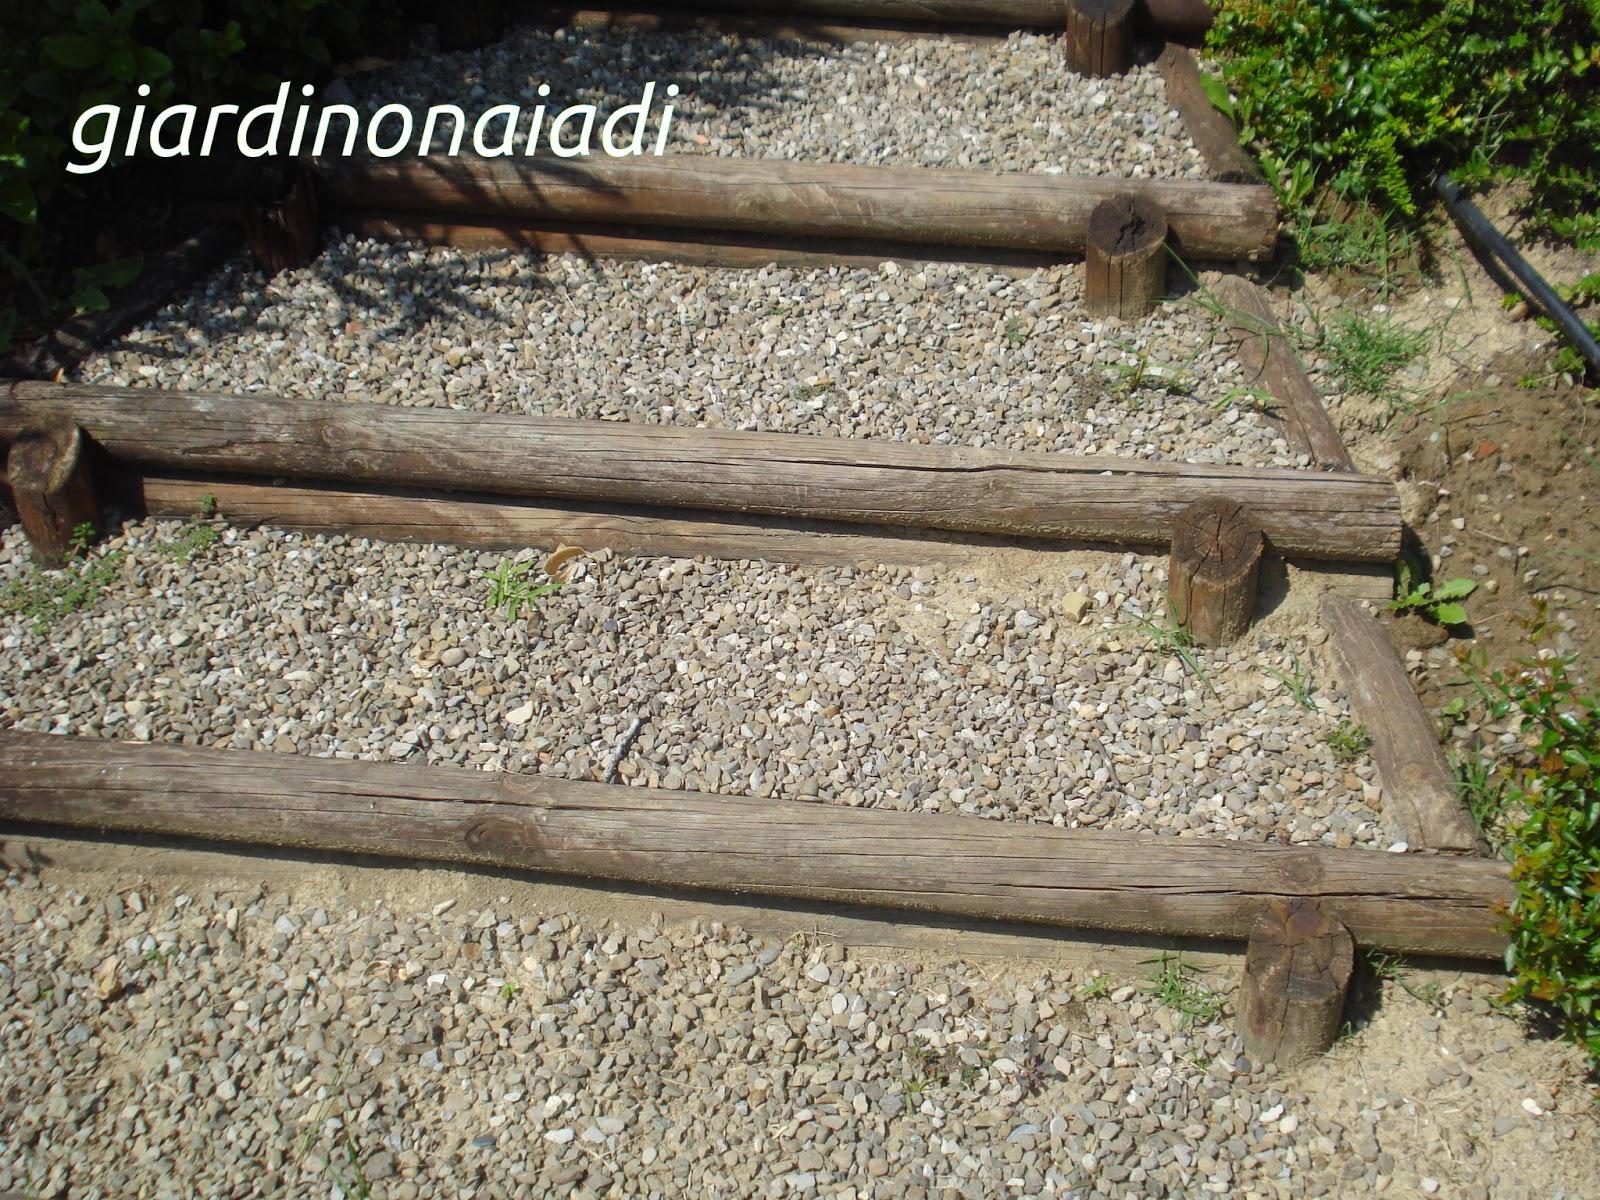 Il giardino delle naiadi due passi in giardino seconda parte - Gradini in cemento per esterno ...